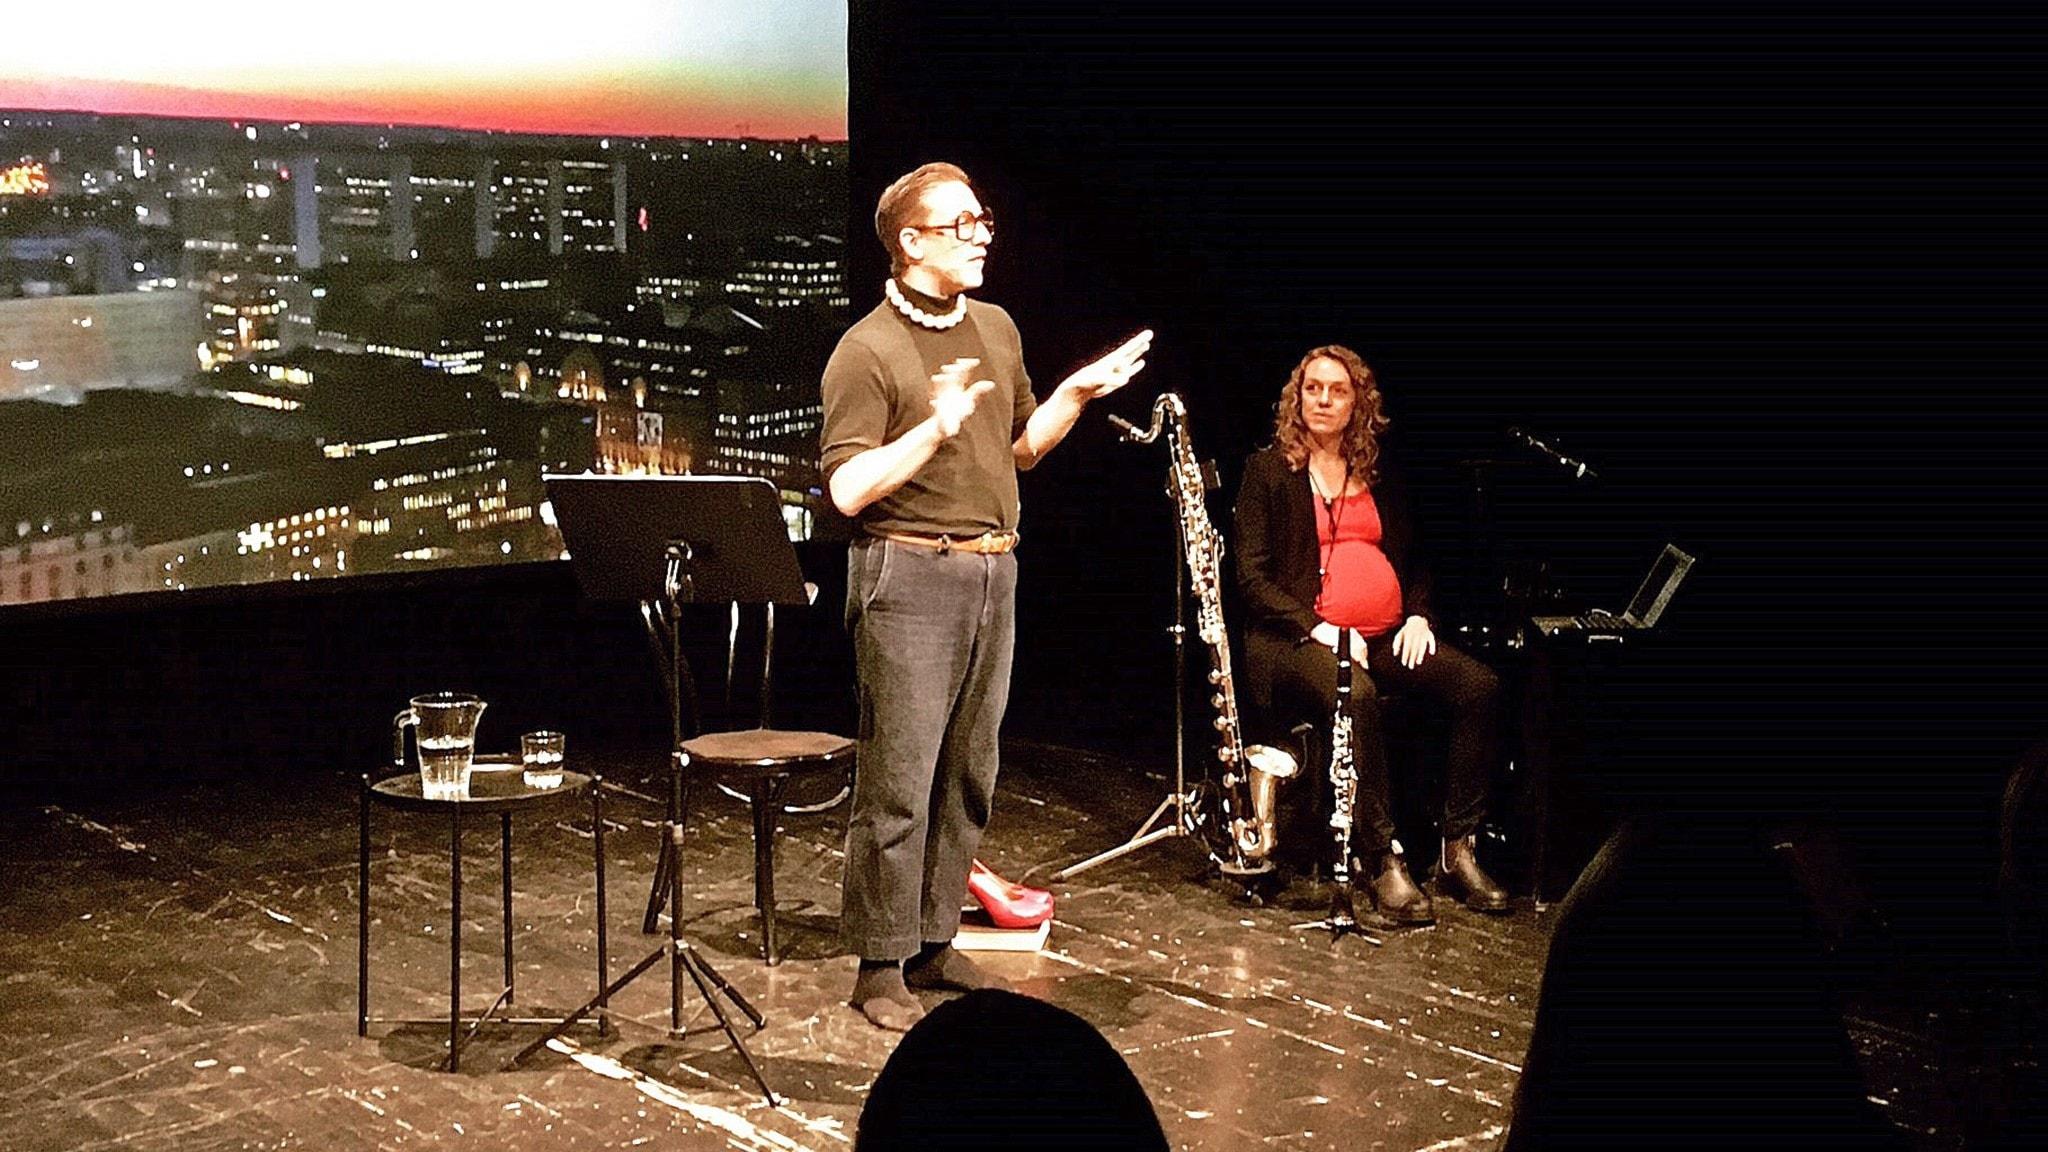 Erik Engelv och Lisa Grotherus på scen i Svenska berättelser på scen på Dramaten Elverket i Stockholm